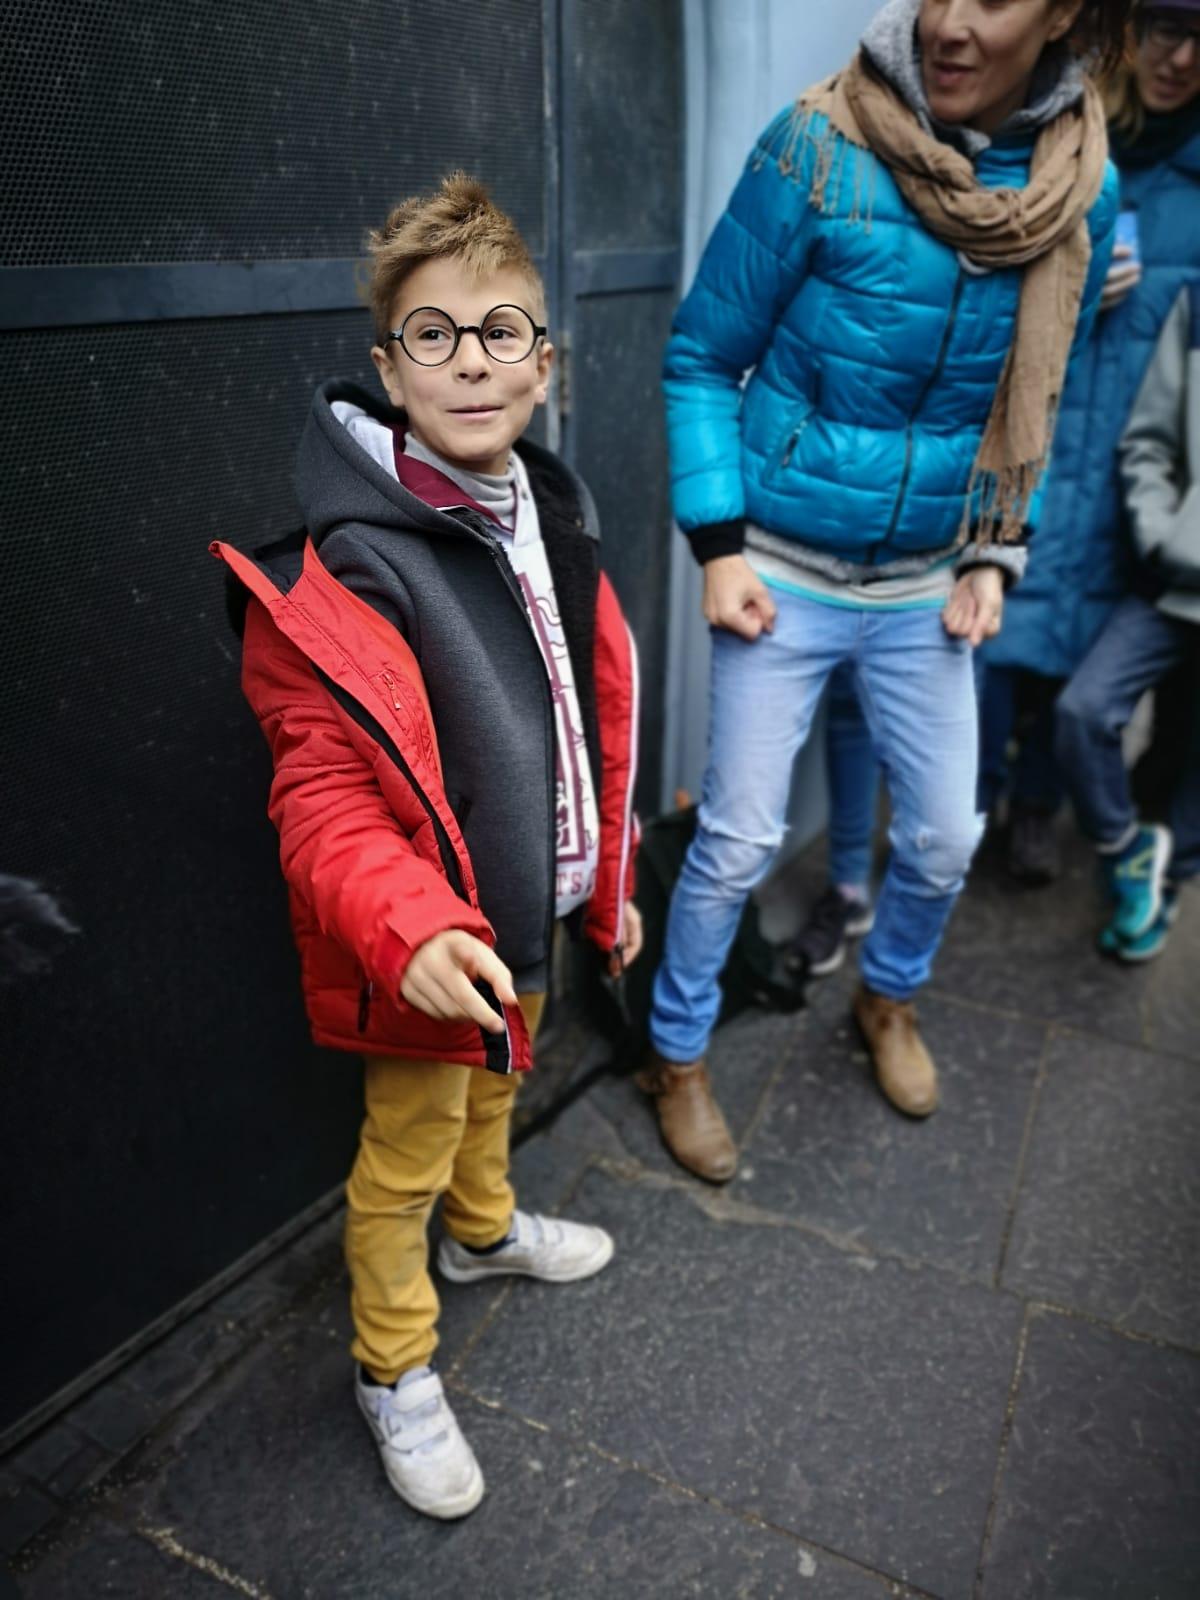 niño - cazadora - gafas